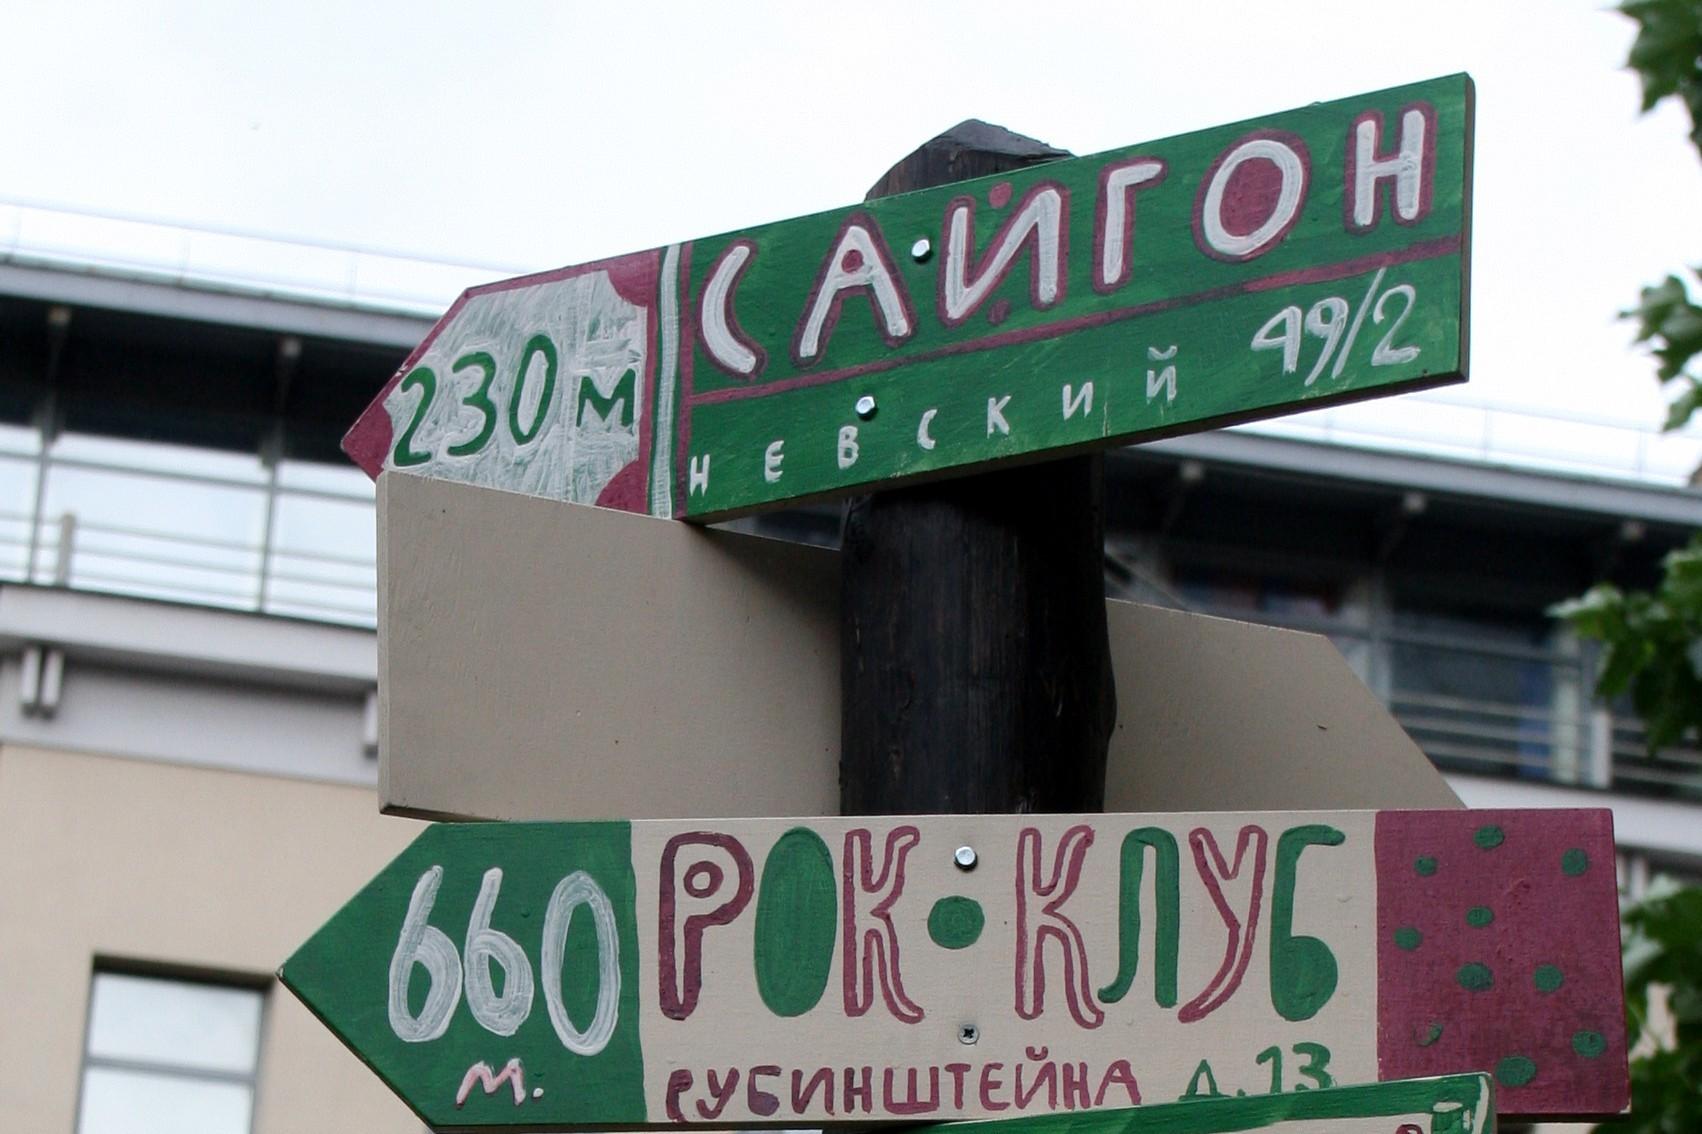 указатель Сайгон рок-клуб Эльфовский садик Стремянная улица